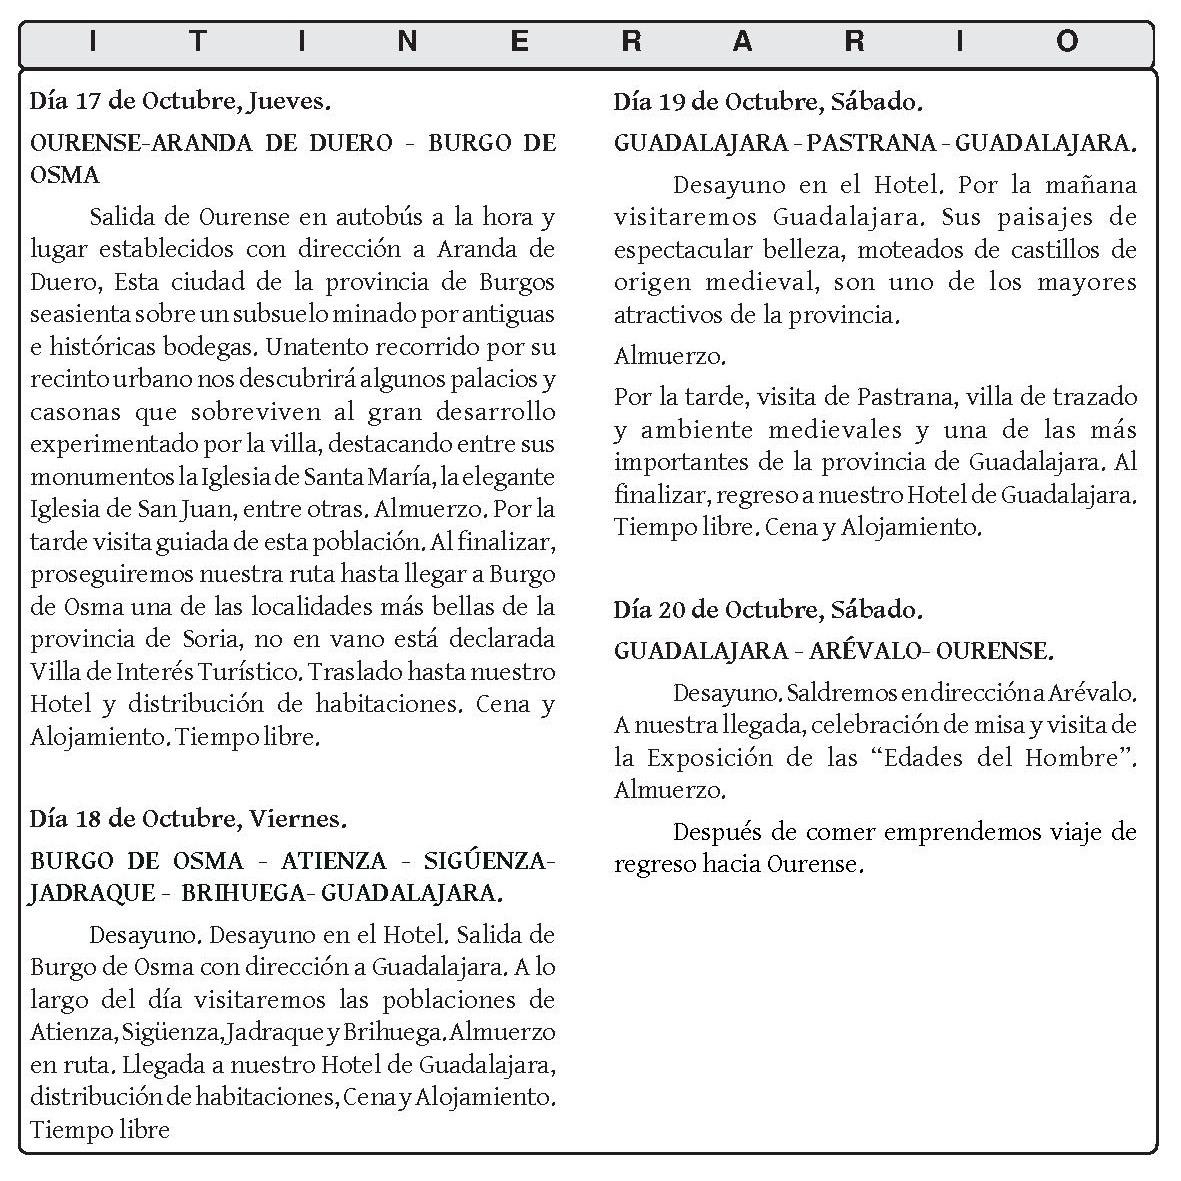 EXCURSION GUADALAJARA-2